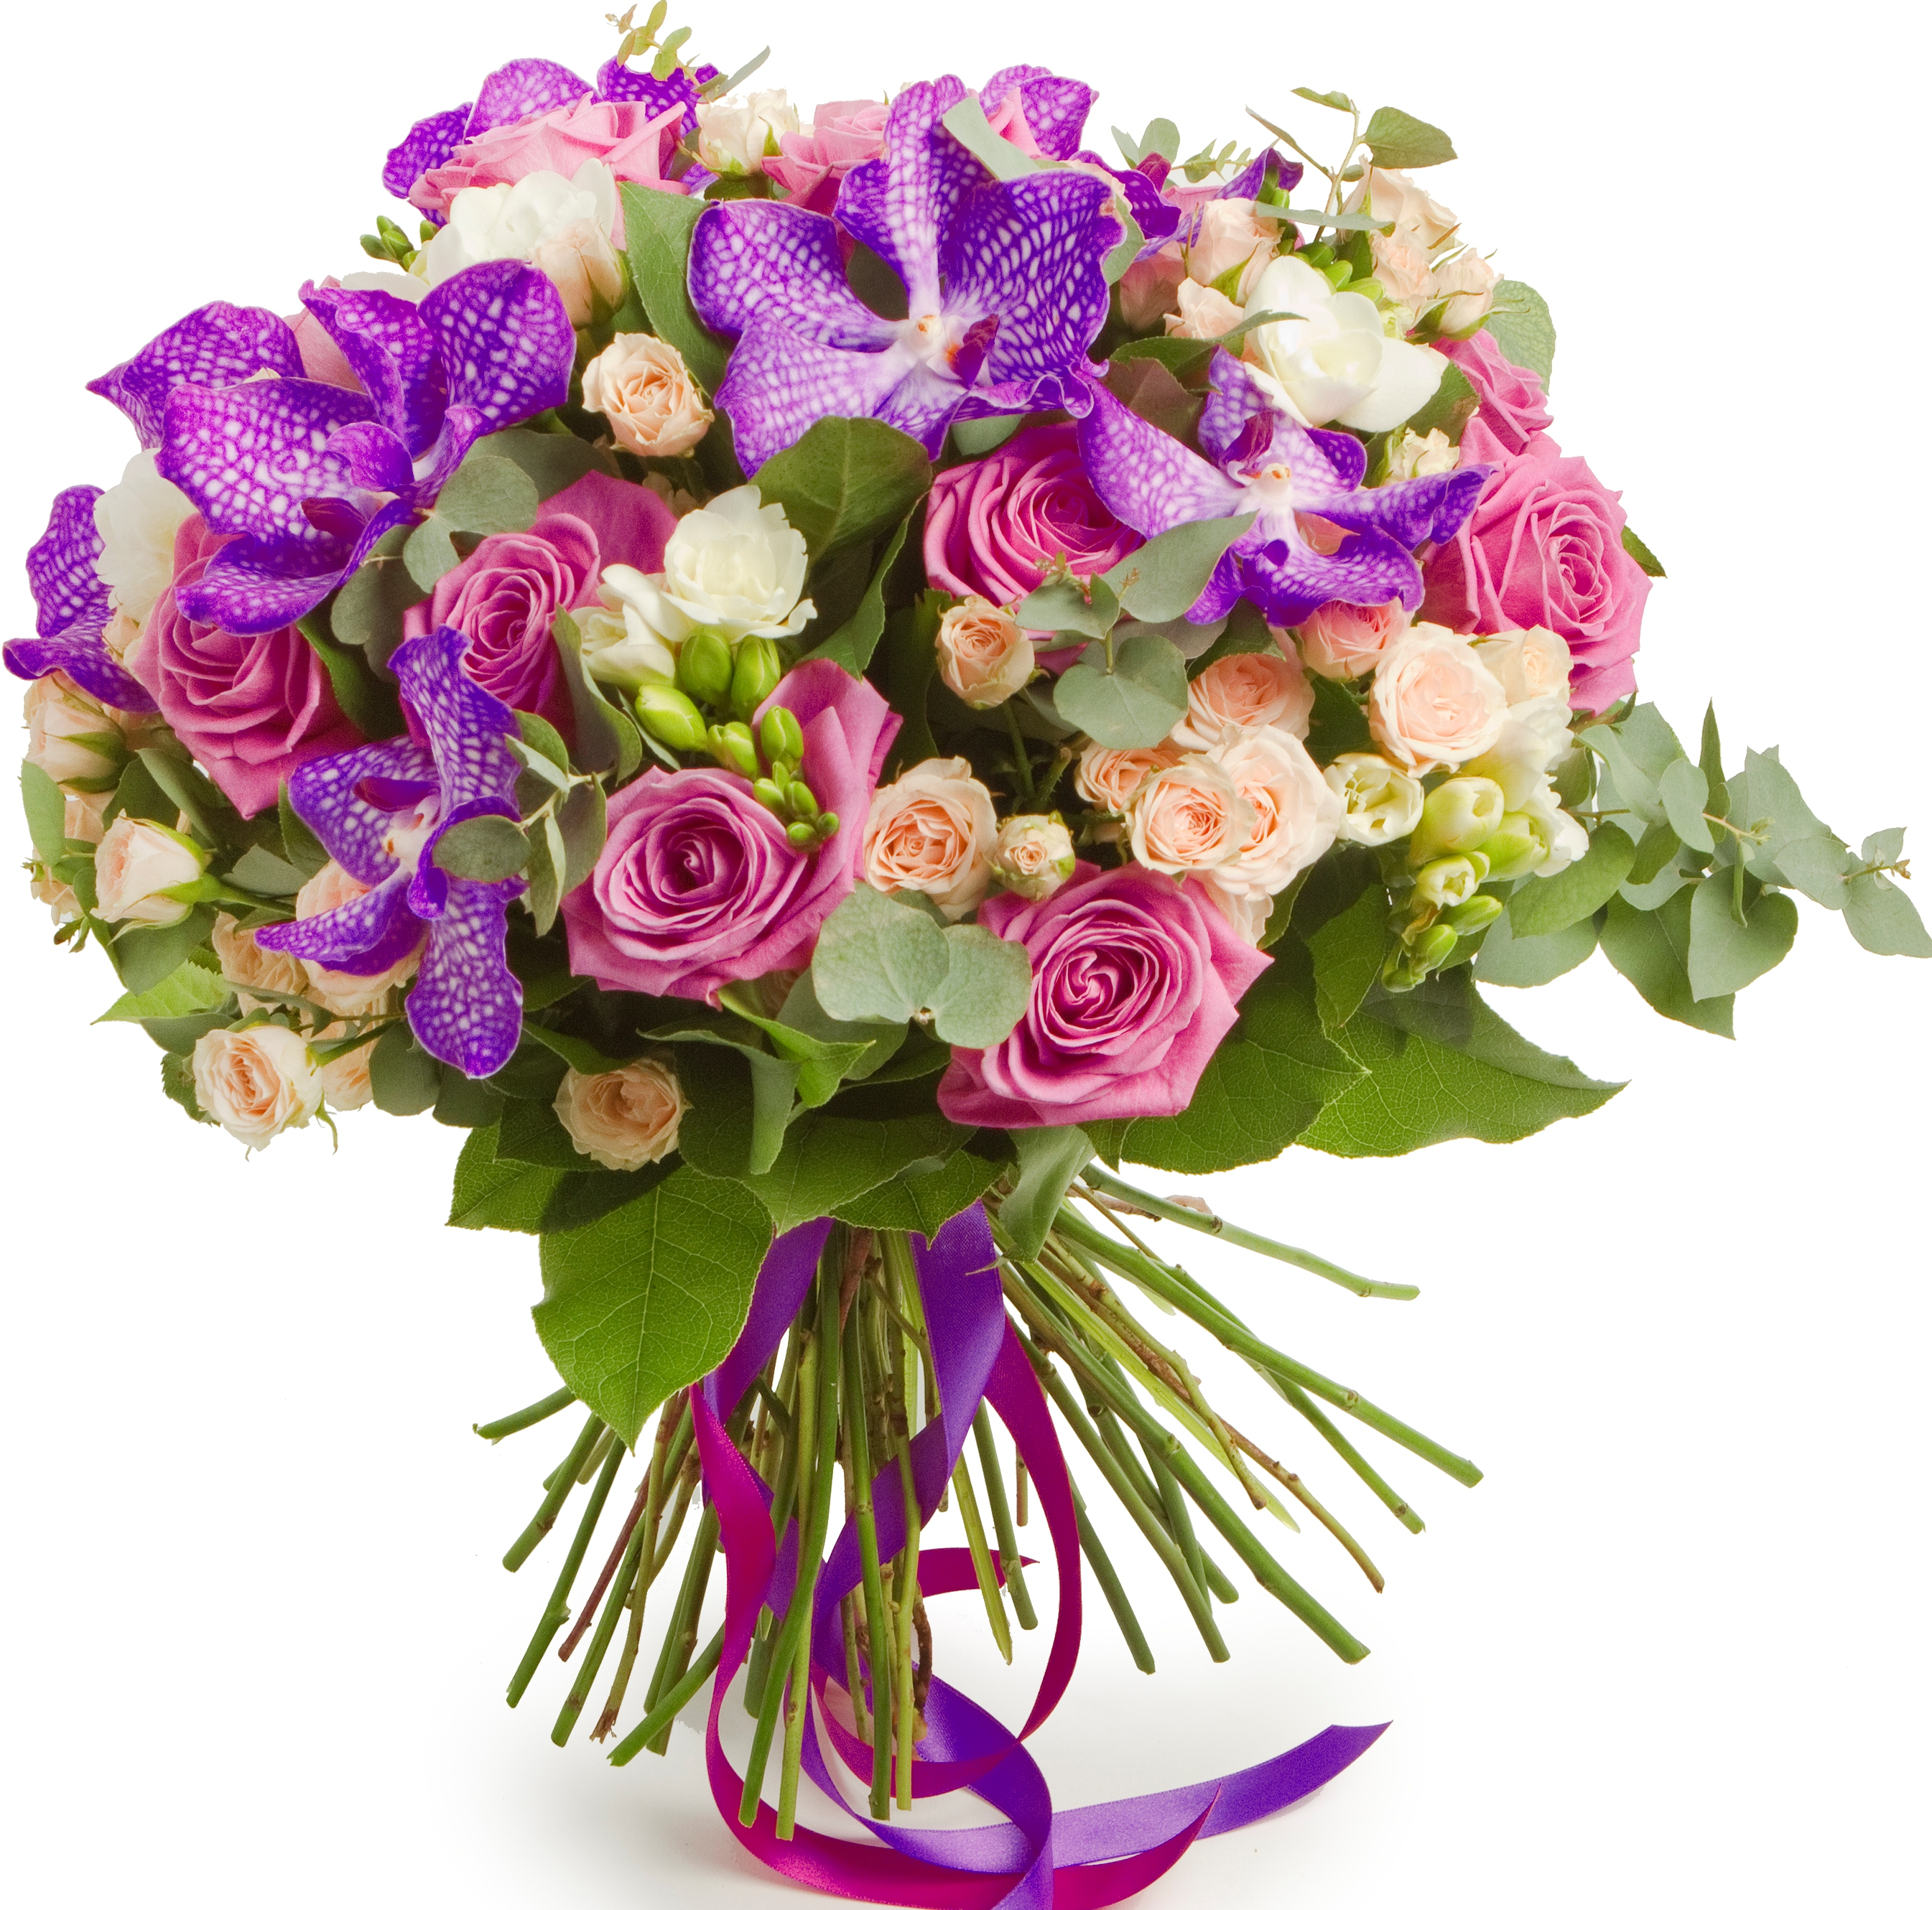 Авторский букет цветов Пандора<br>Ингредиенты: Орхидея ванда синяя 7 шт, Роза кустовая 10 шт, Салал, Фрезия 10 шт, Эвкалипт, Роза (50 см) 10 шт;